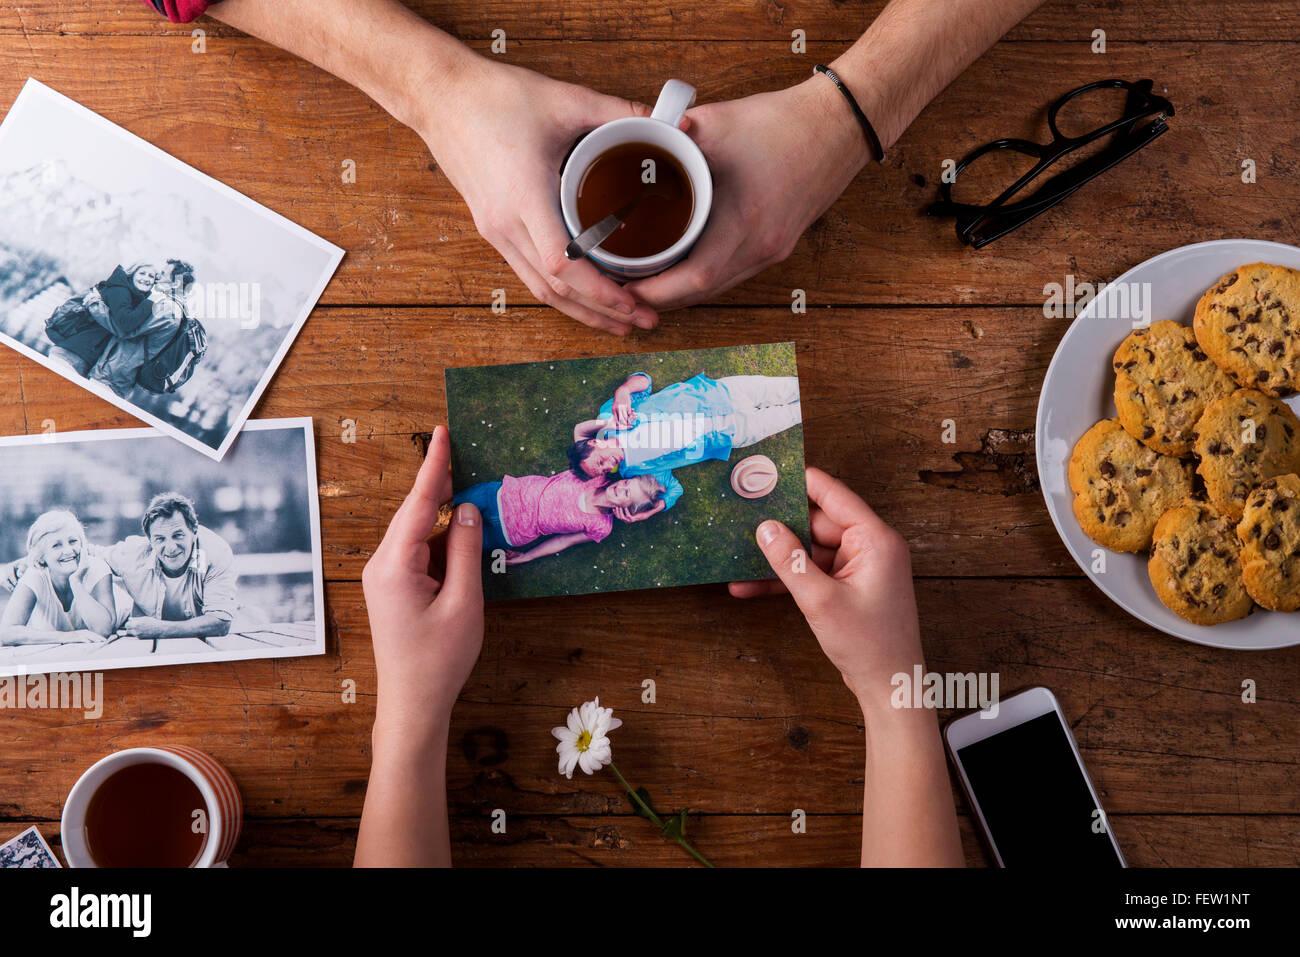 Mans et mains de womans. Les photos en noir et blanc. Couple. Thé, biscuits, téléphone. Photo Stock